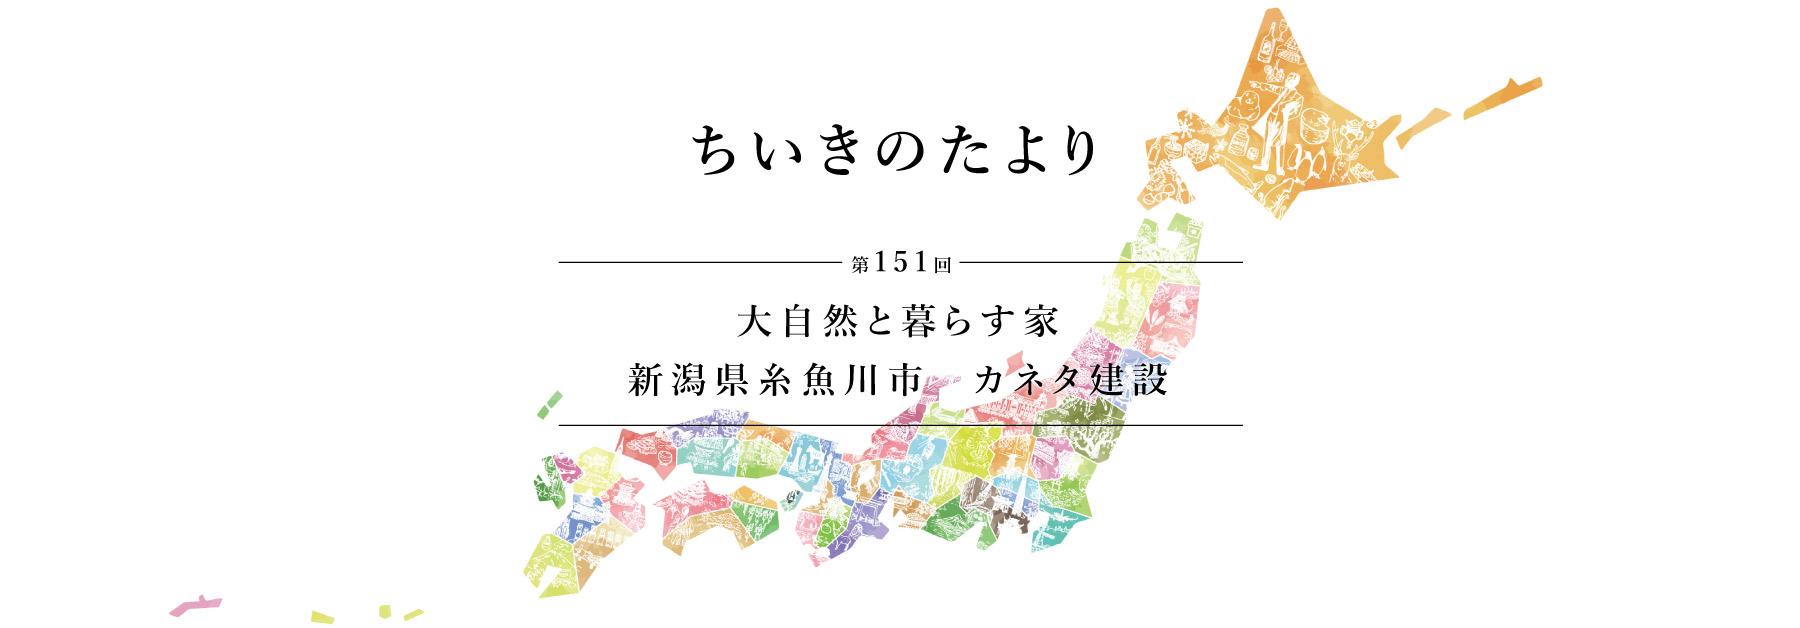 ちいきのたより第151回 大自然と暮らす家 新潟県糸魚川市 カネタ建設